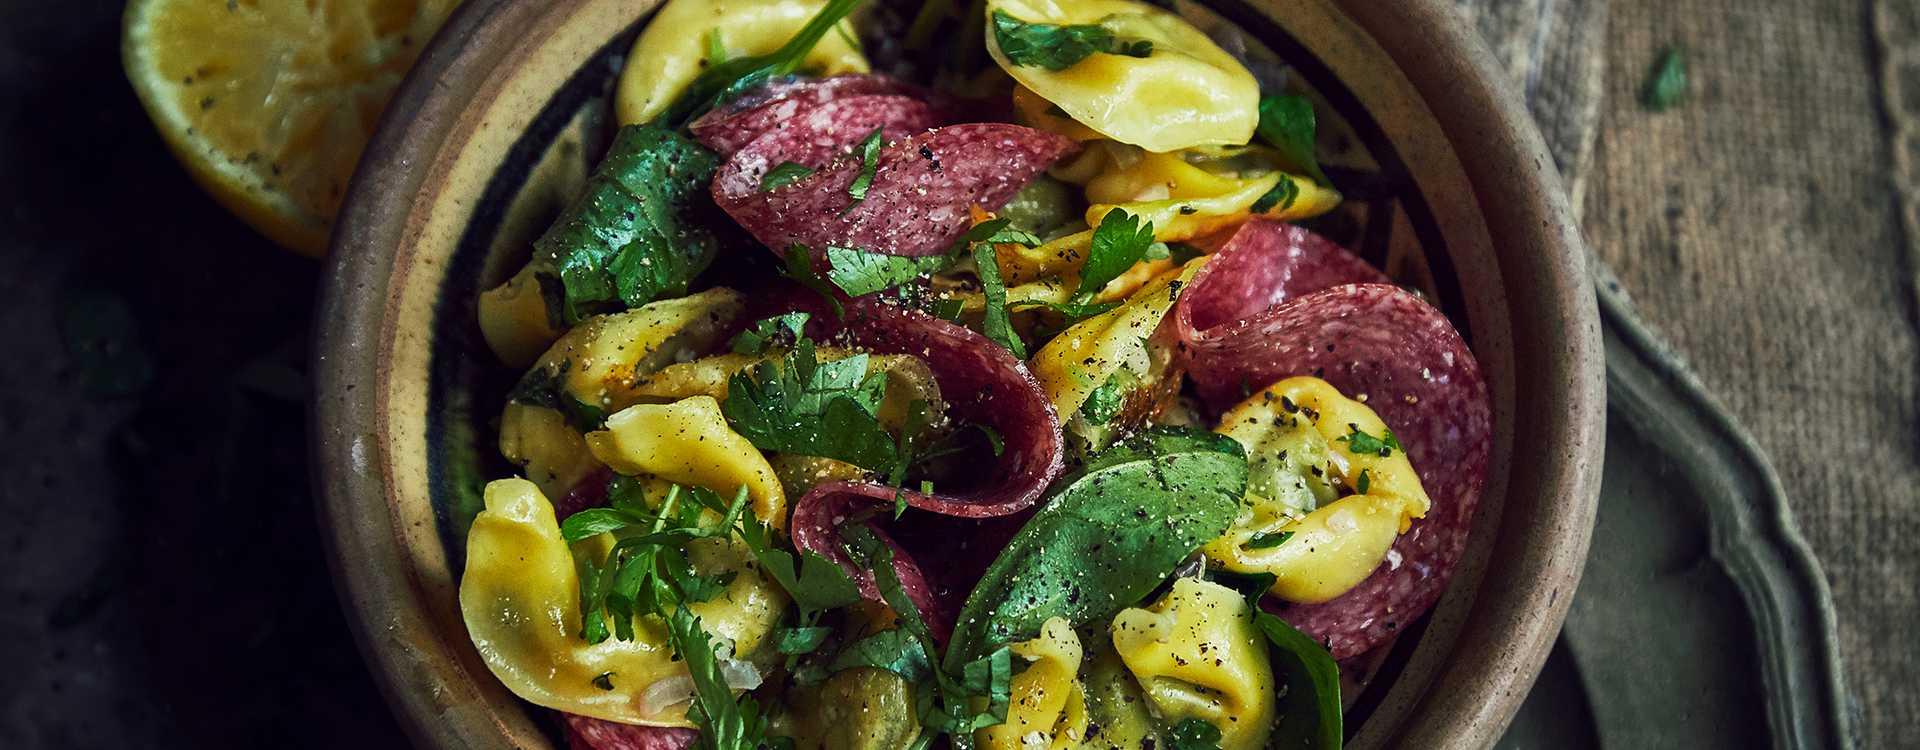 Tortelloni med spinat og salami